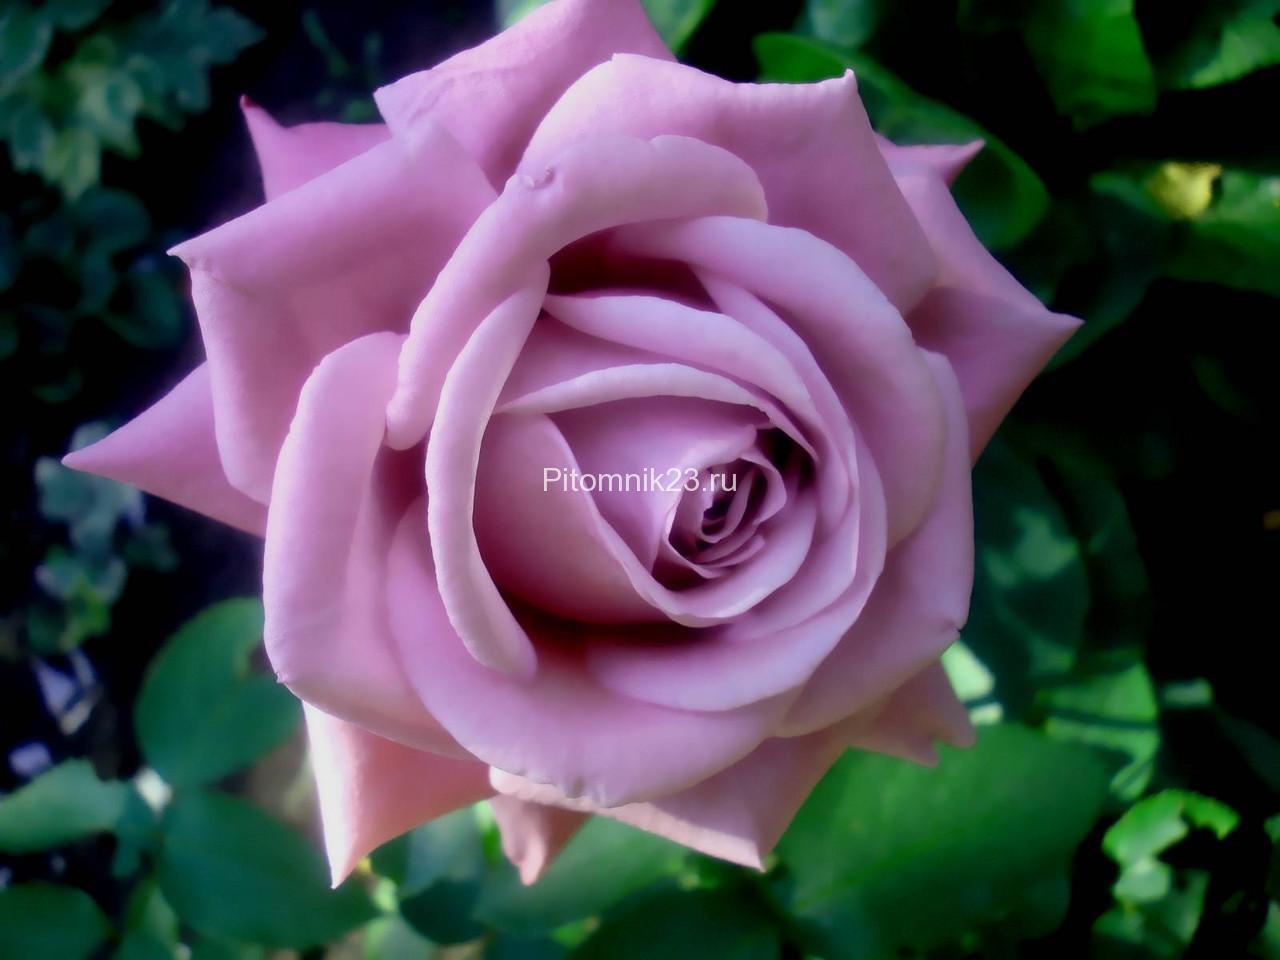 Саженцы чайно-гибридной розы Голубой Нил (Blue Nile)